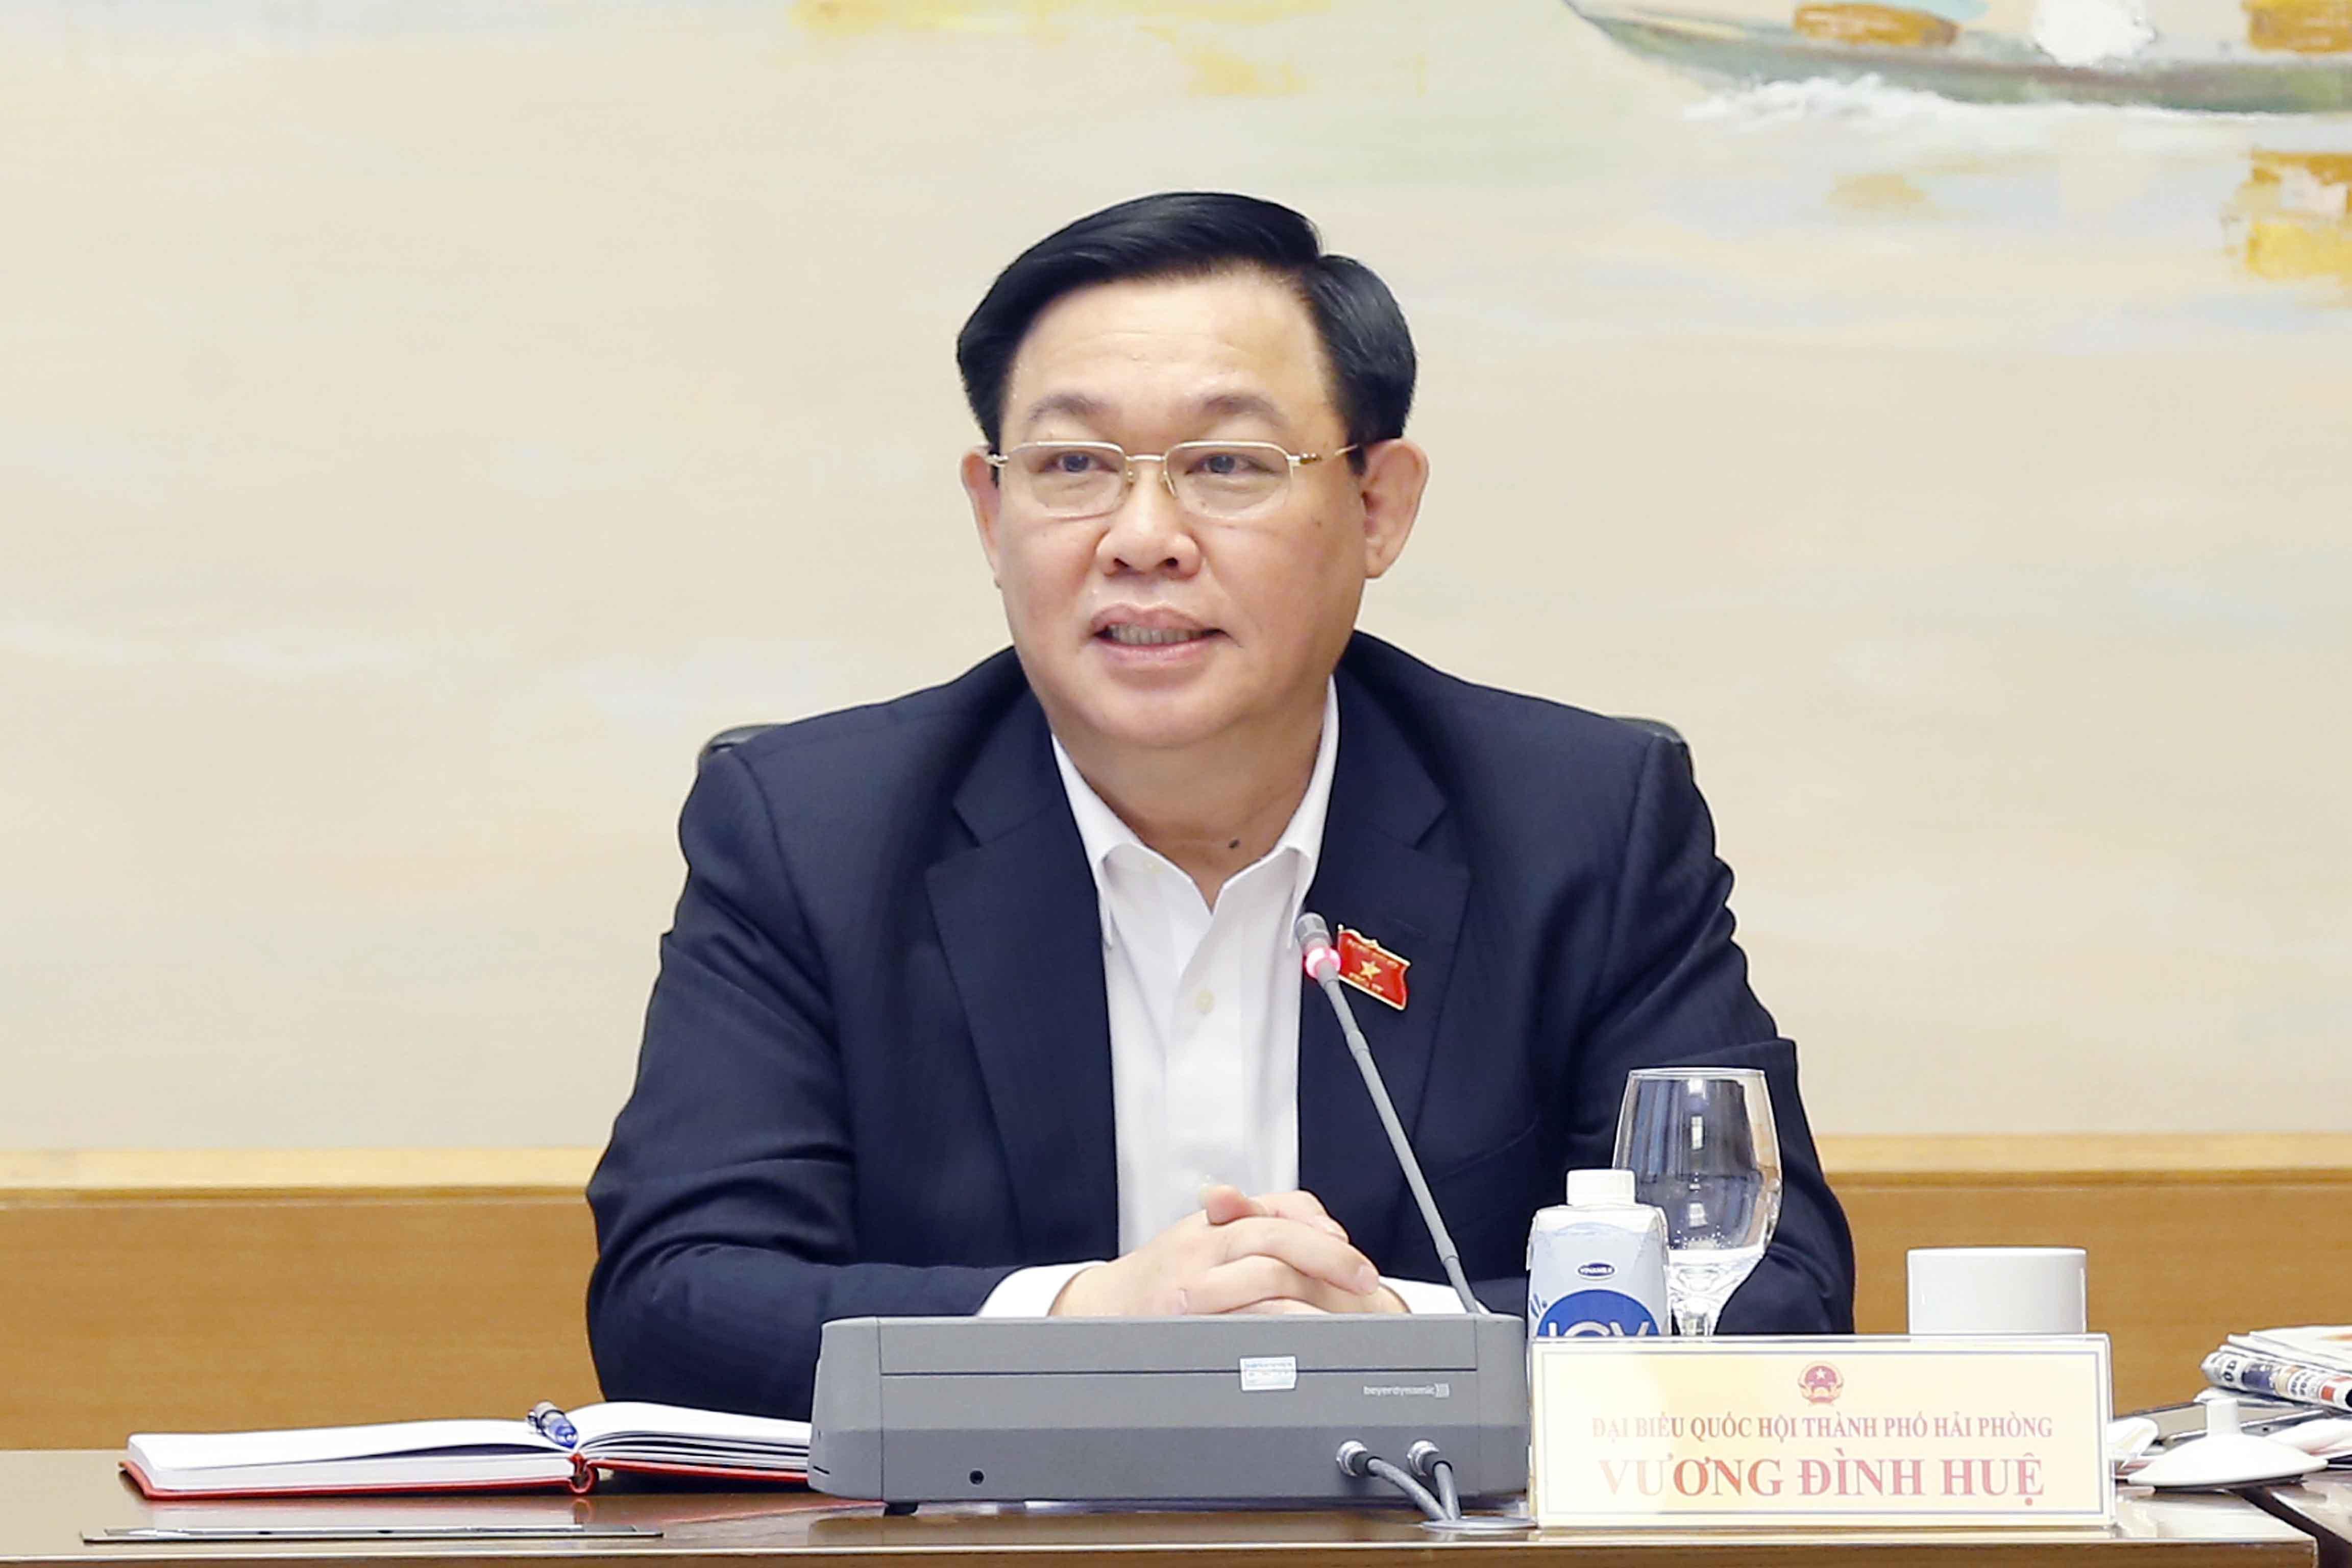 Chủ tịch Quốc hội: Điều chỉnh chính sách tài khóa, tiền tệ để phục hồi, phát triển kinh tế - xã hội